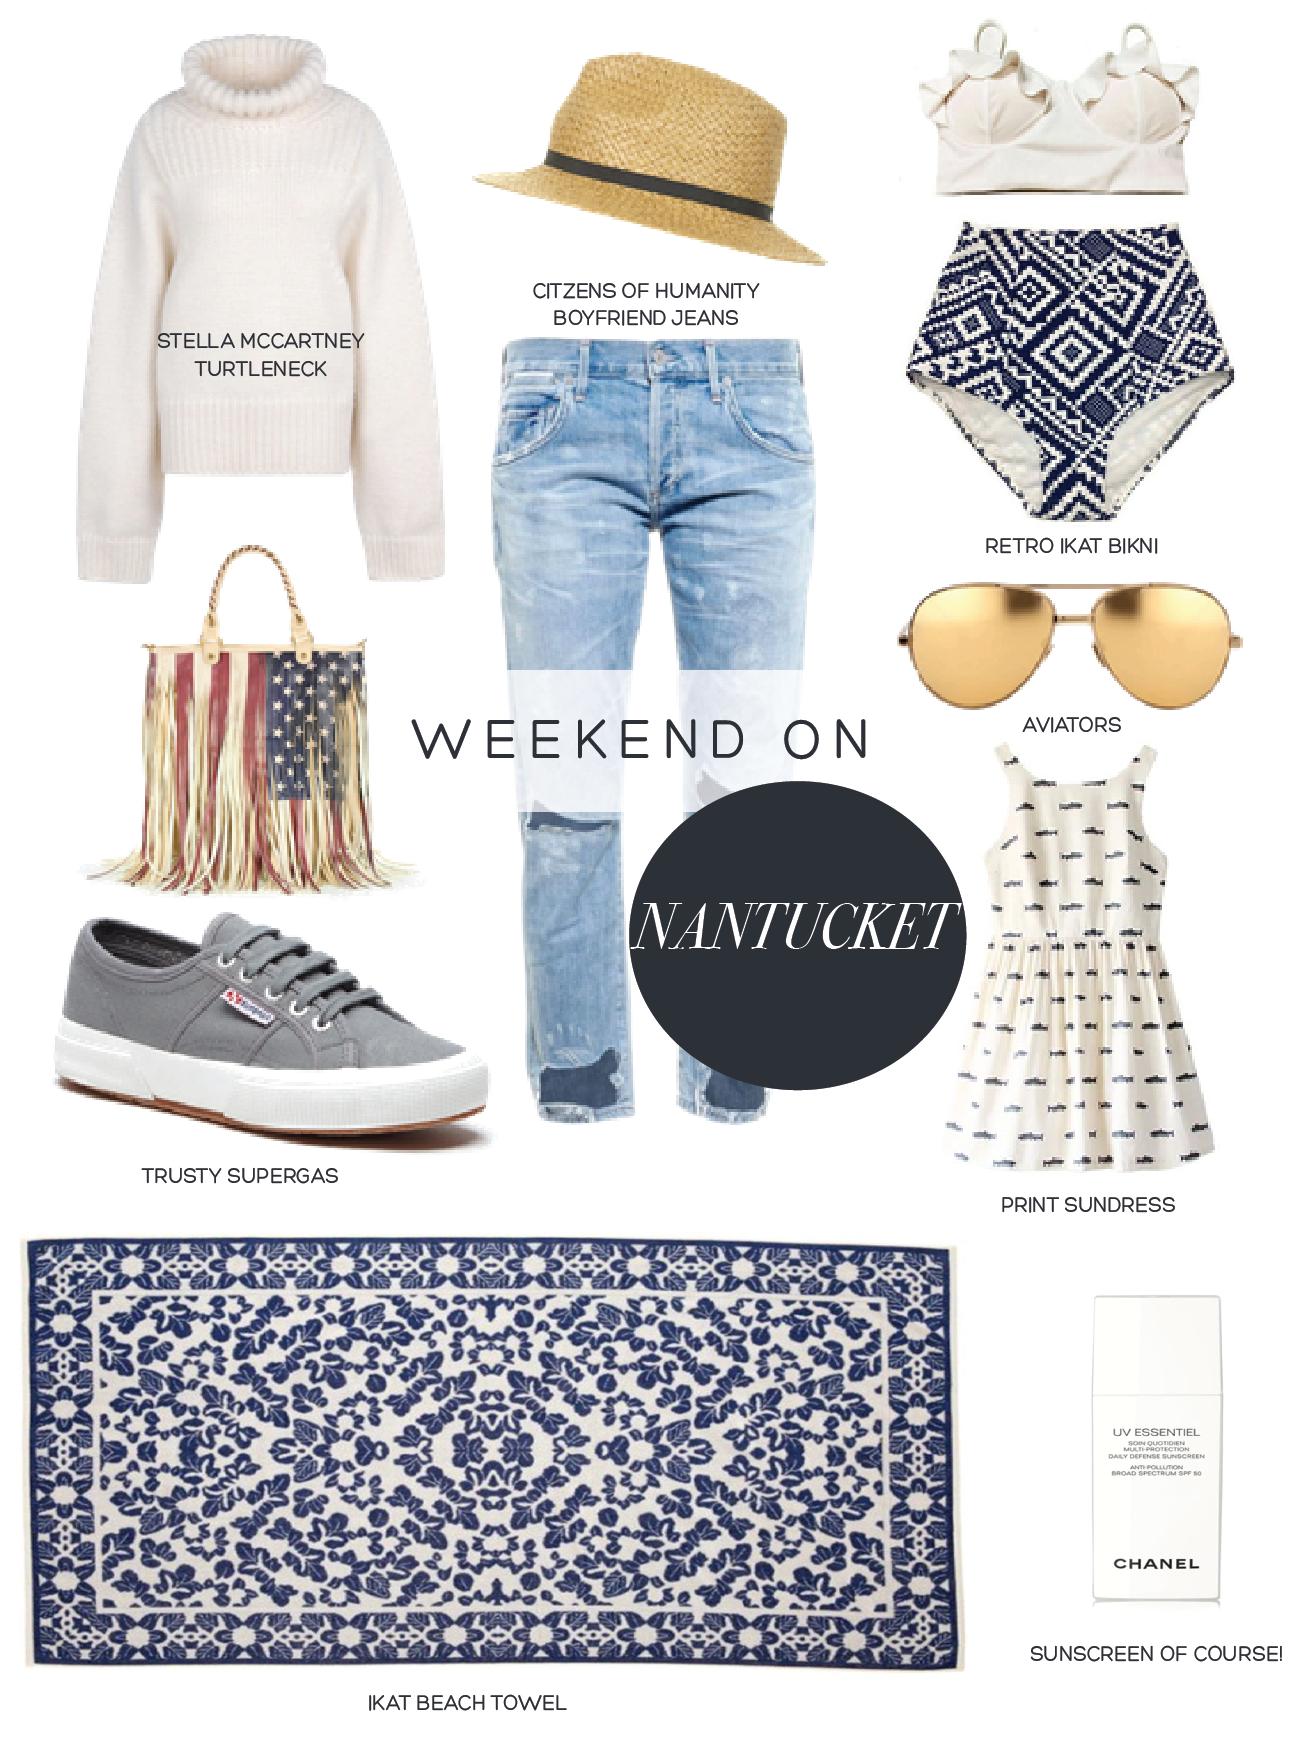 Weekend on Nantucket